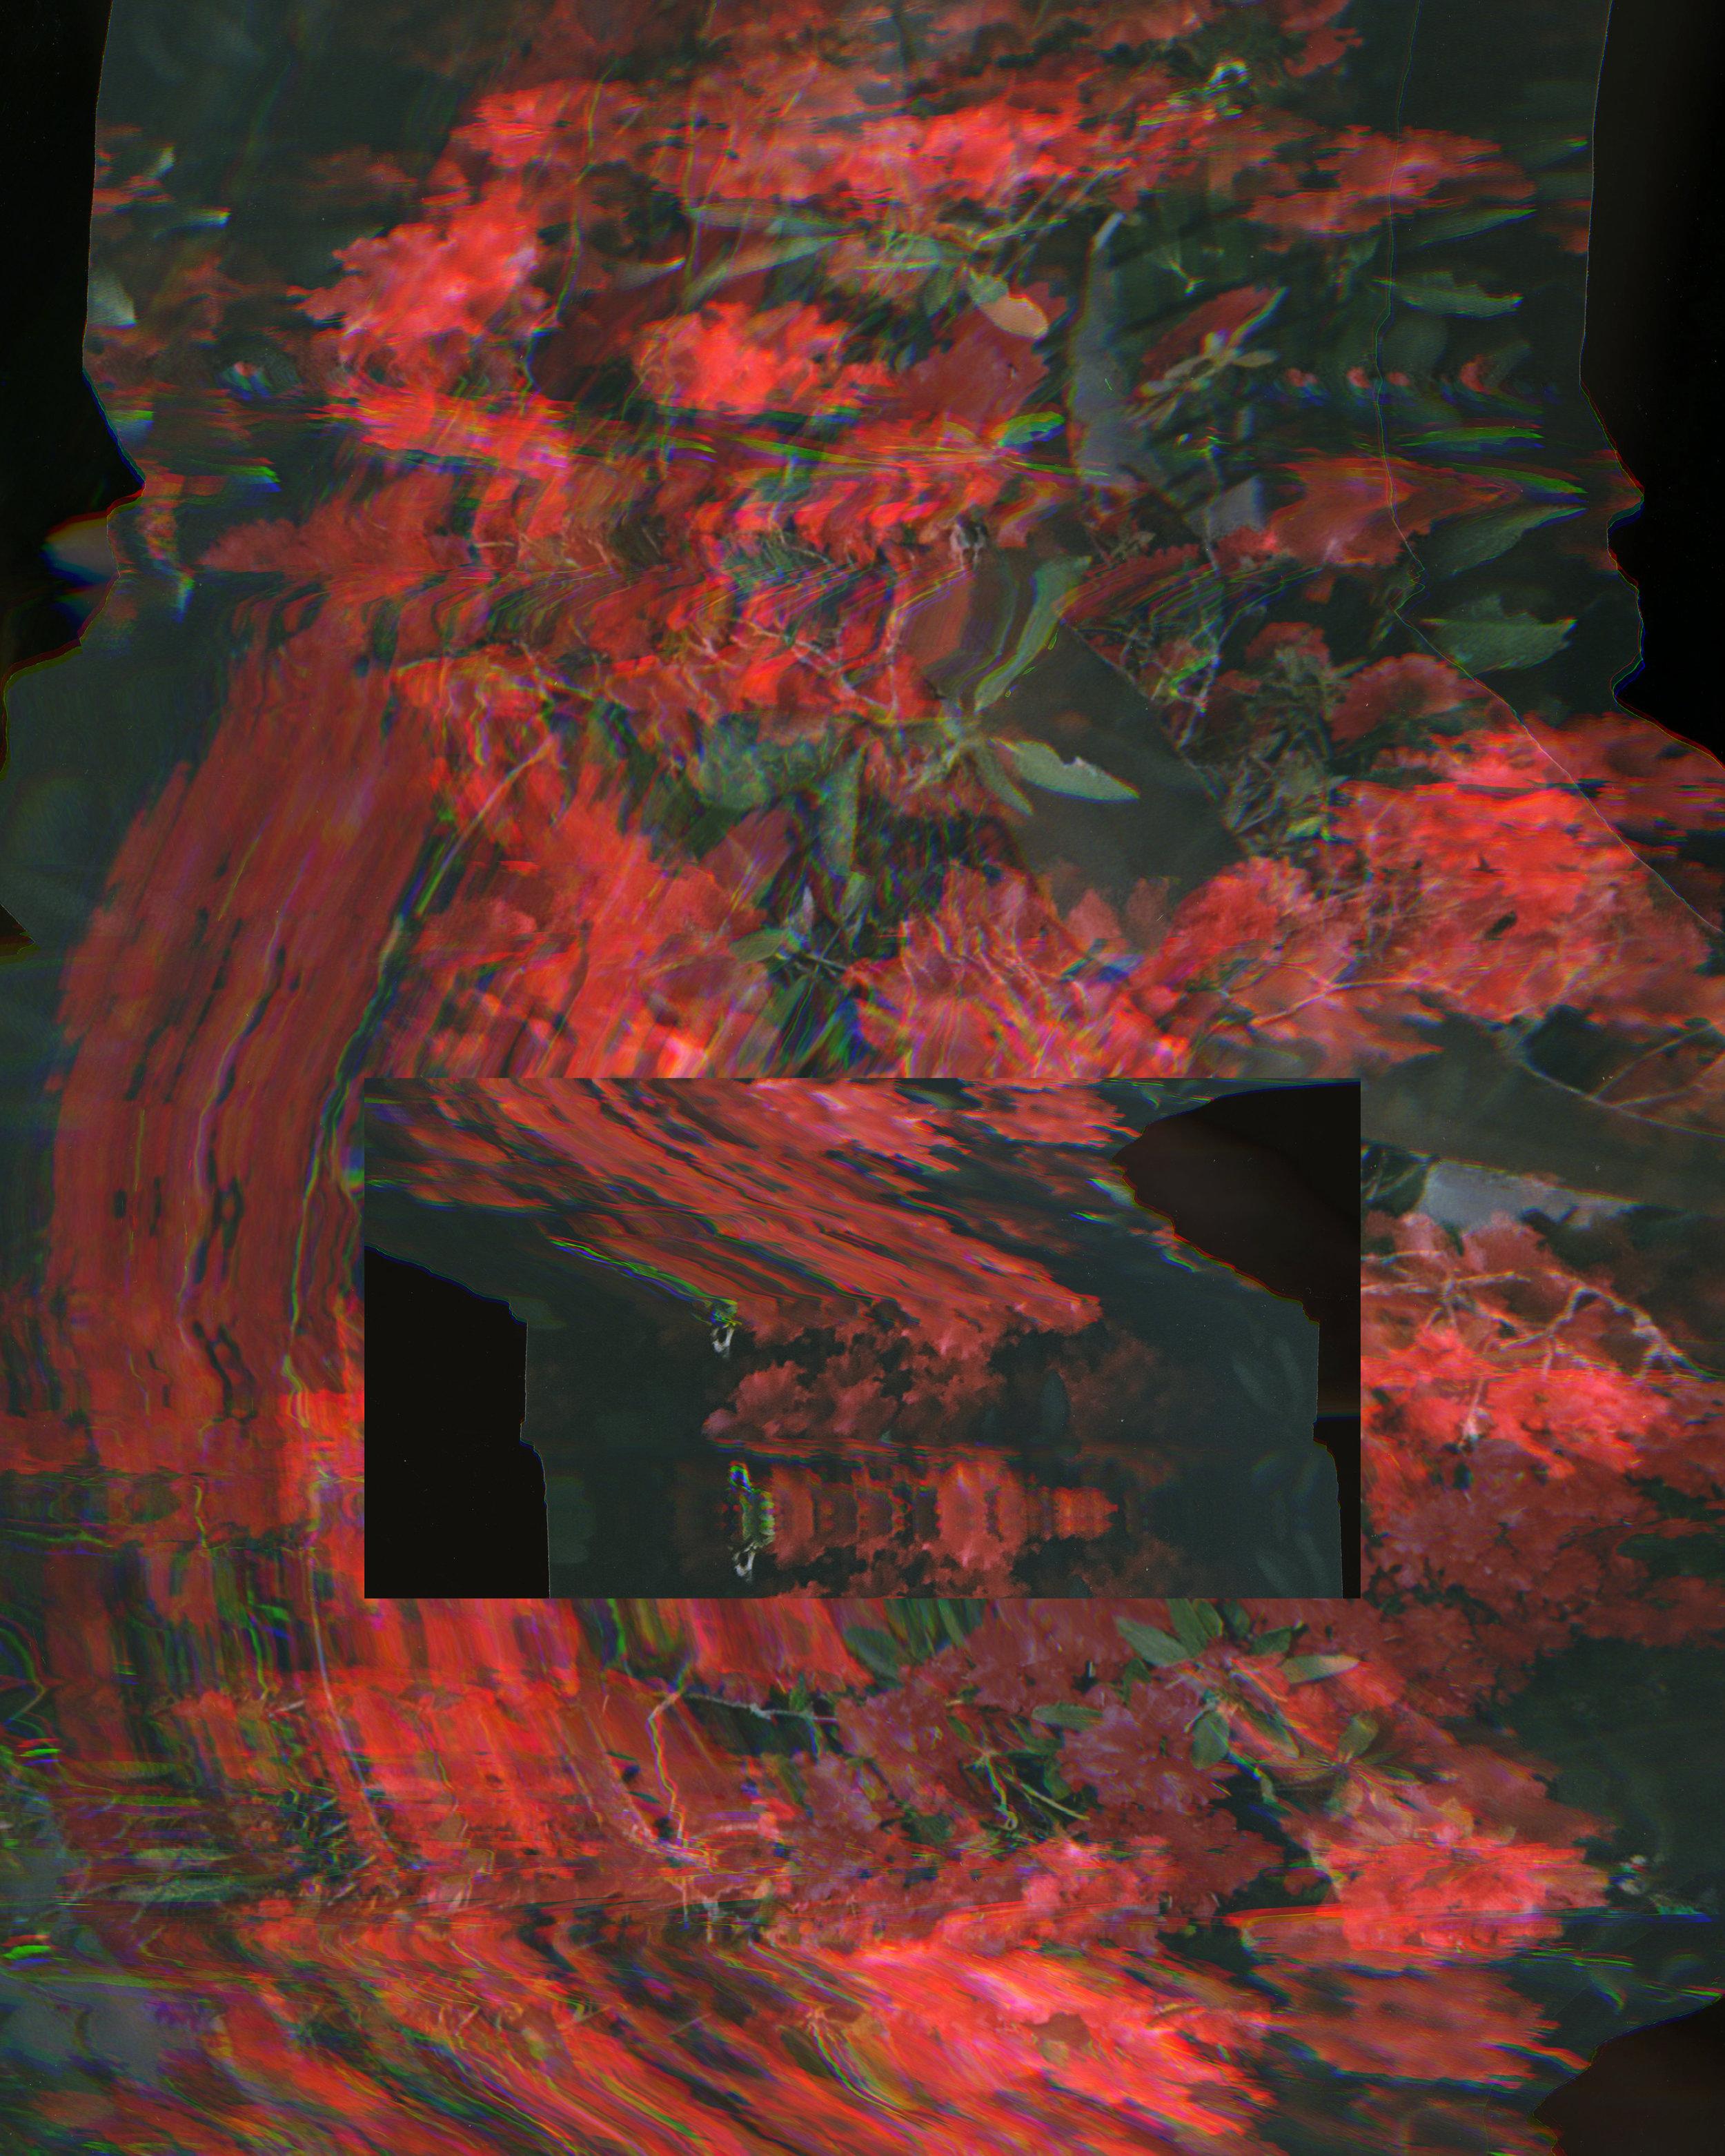 modernlandscape9.jpg